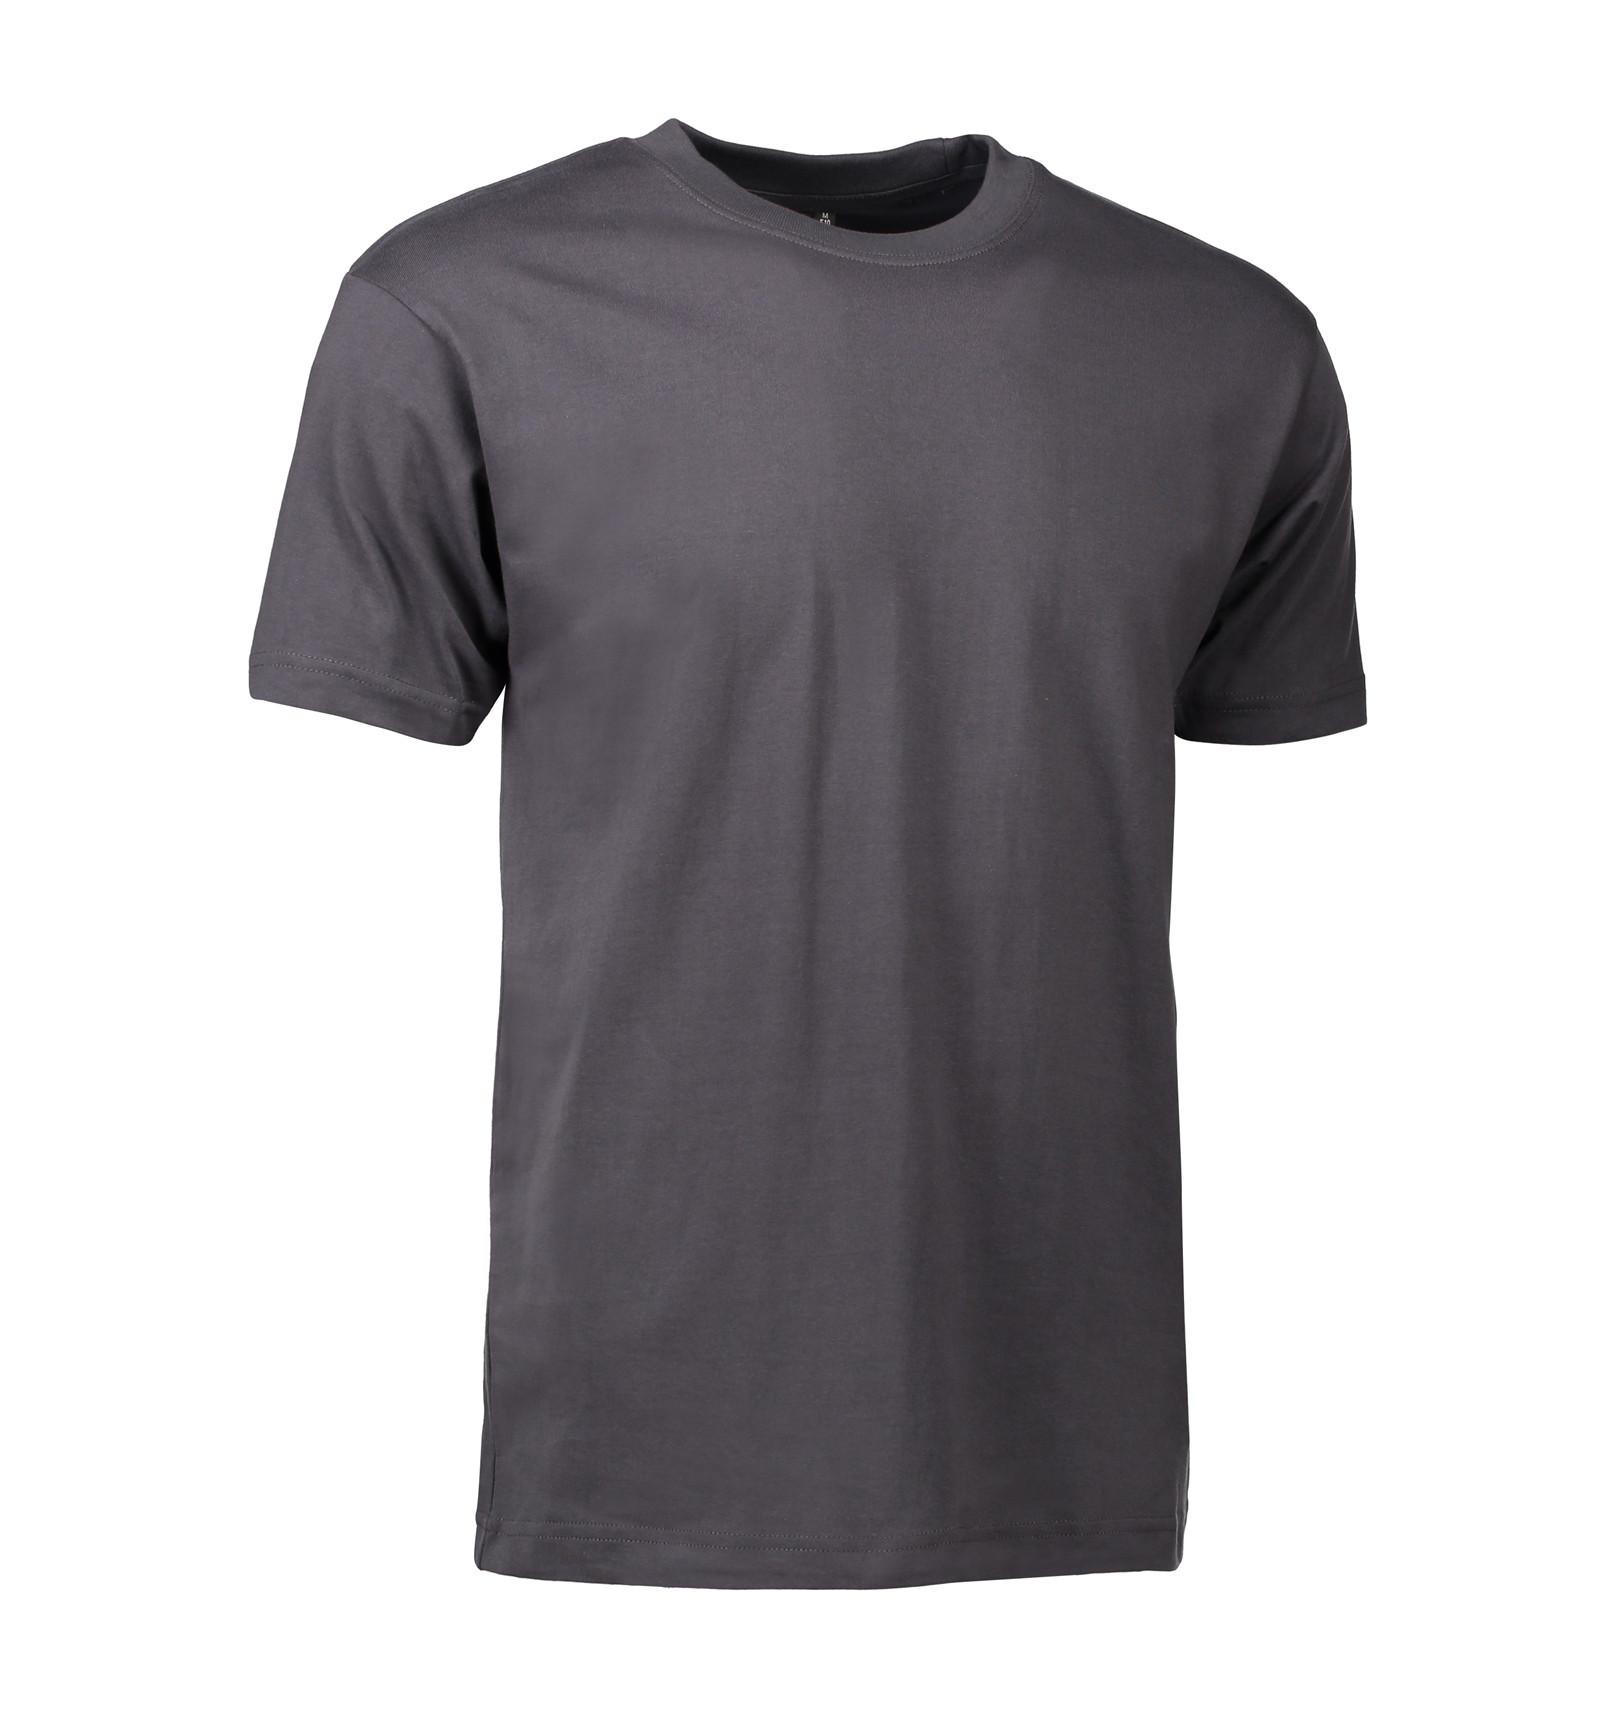 OUTLET - T-shirt, 8504 - Koksgrå